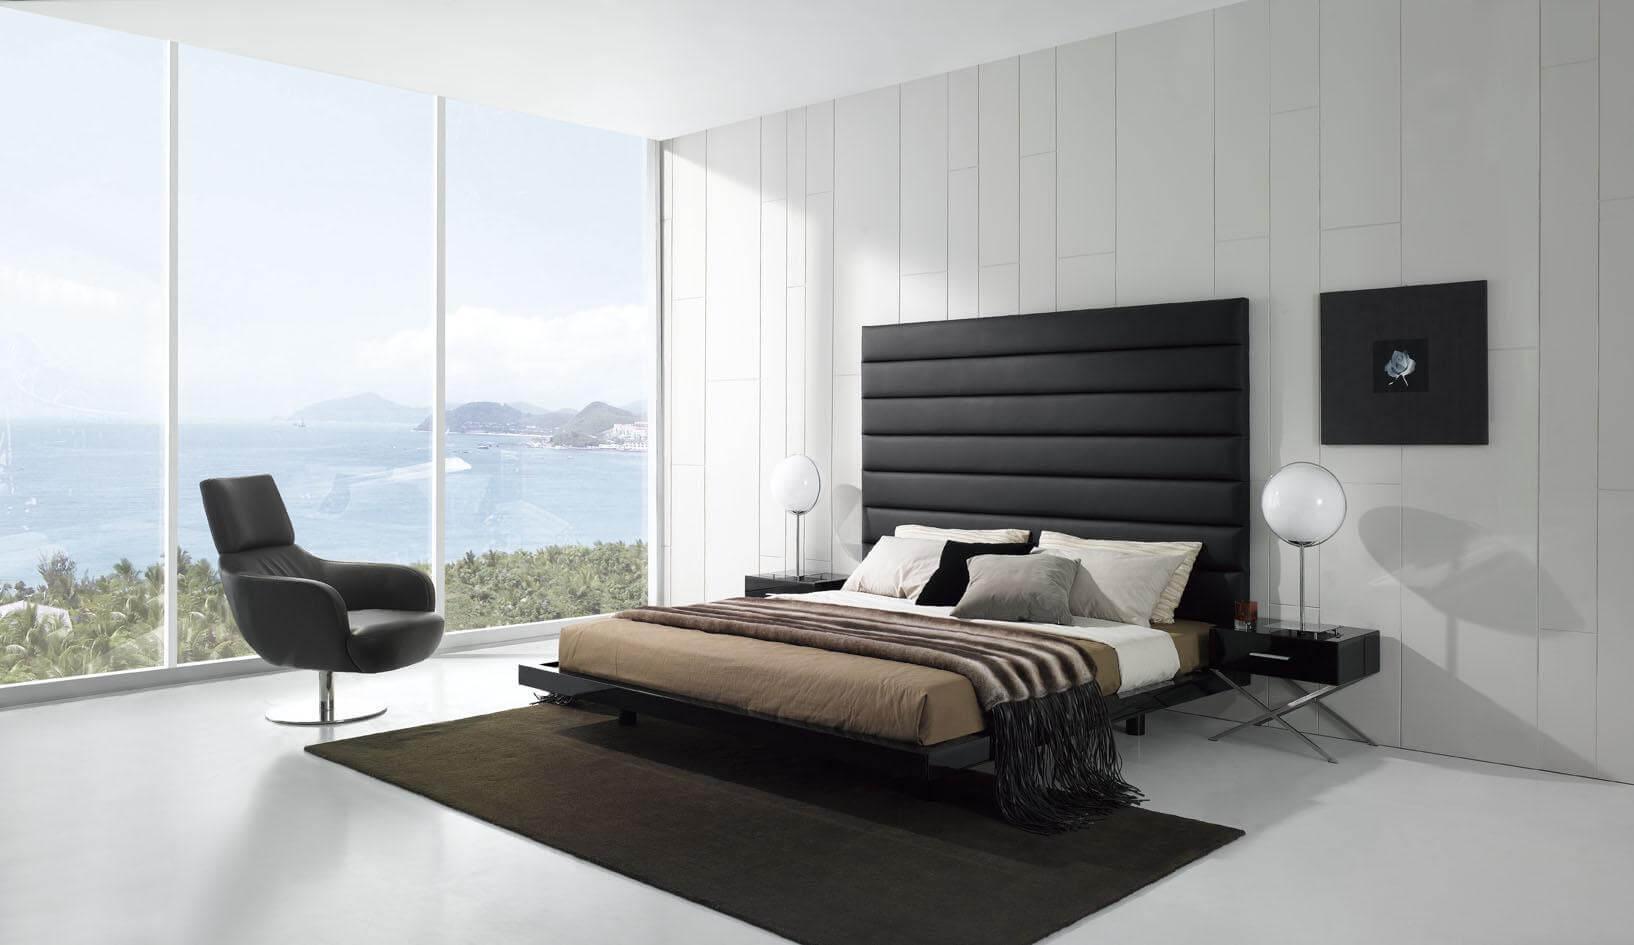 спальня в стиле хай тек фото видов